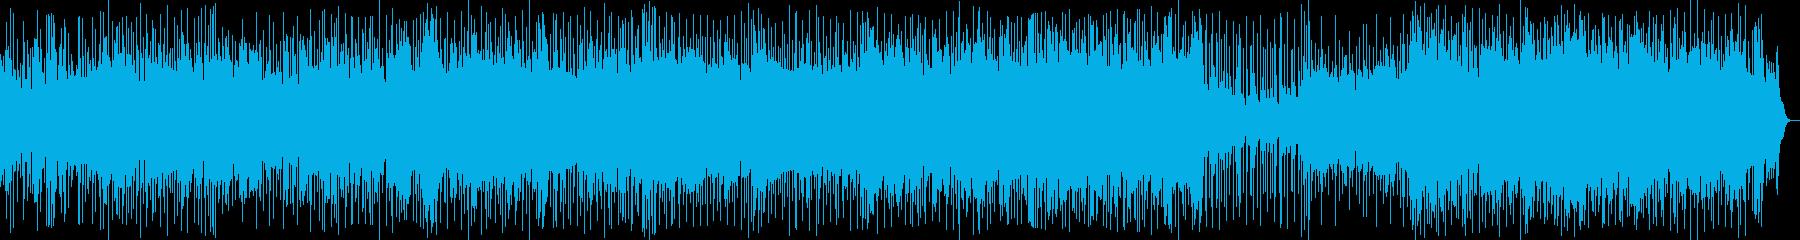 おしゃれで爽やかなカントリー・ロックの再生済みの波形